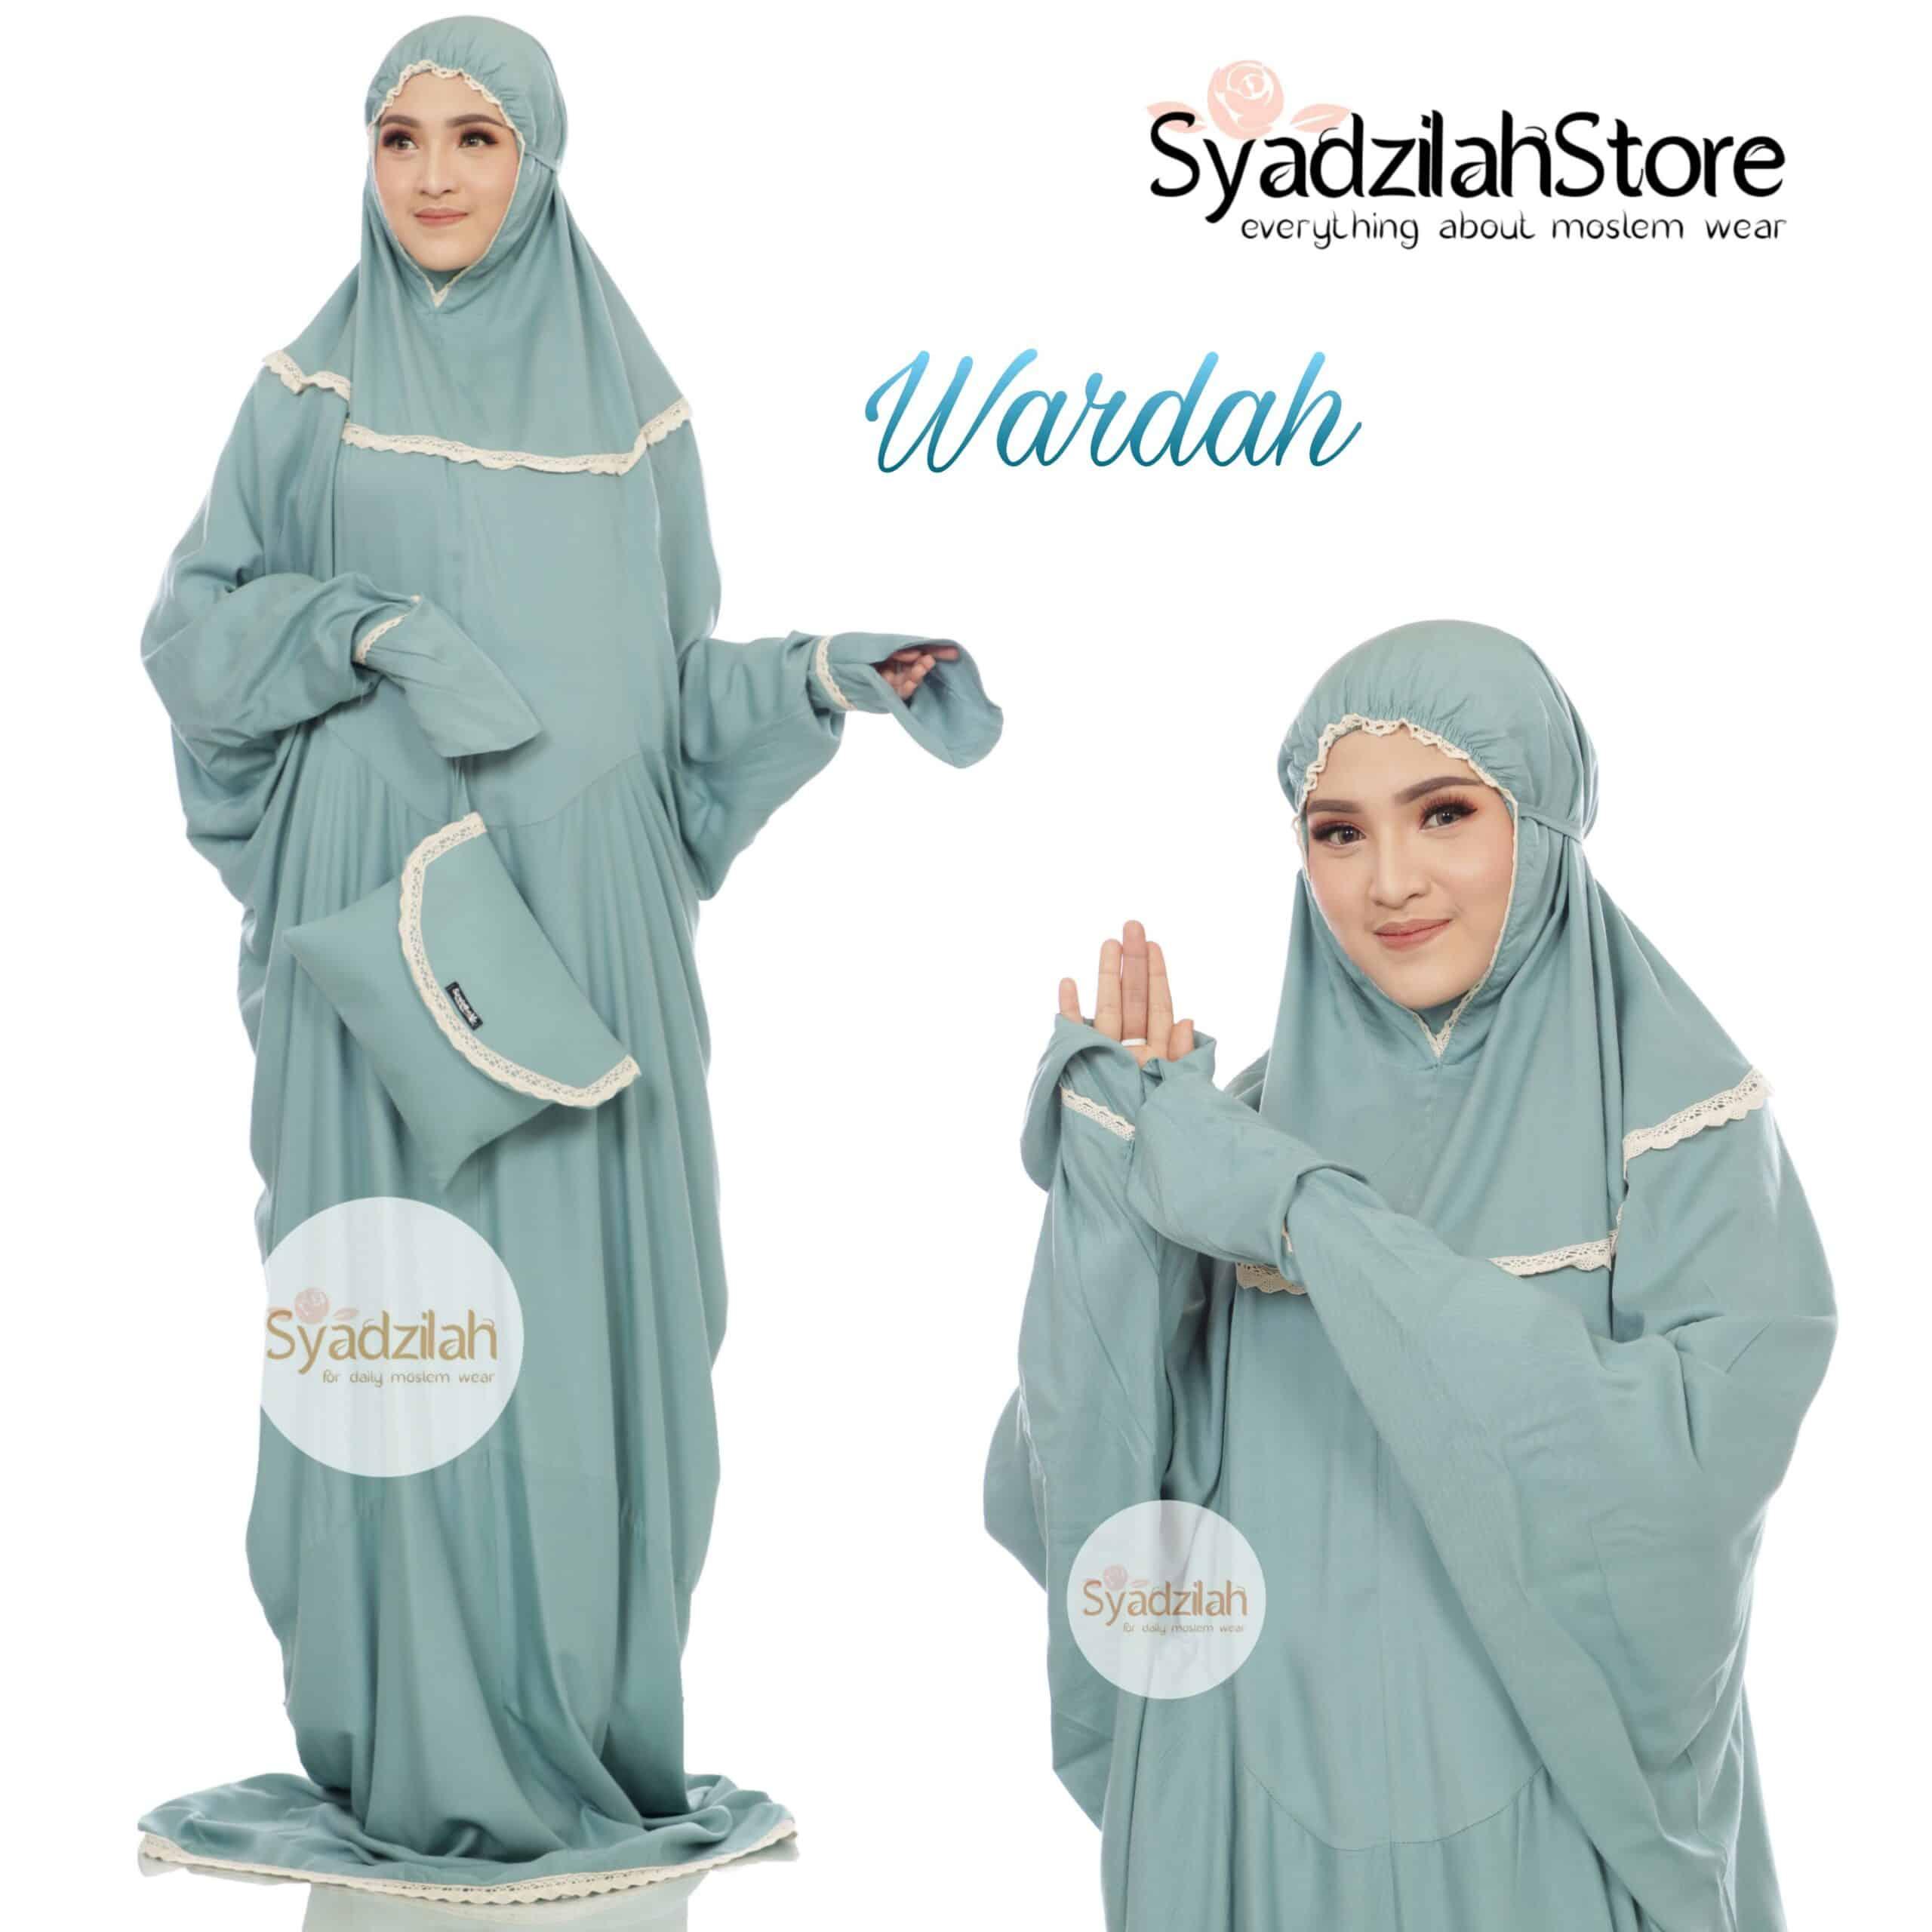 Syadzilah-scaled